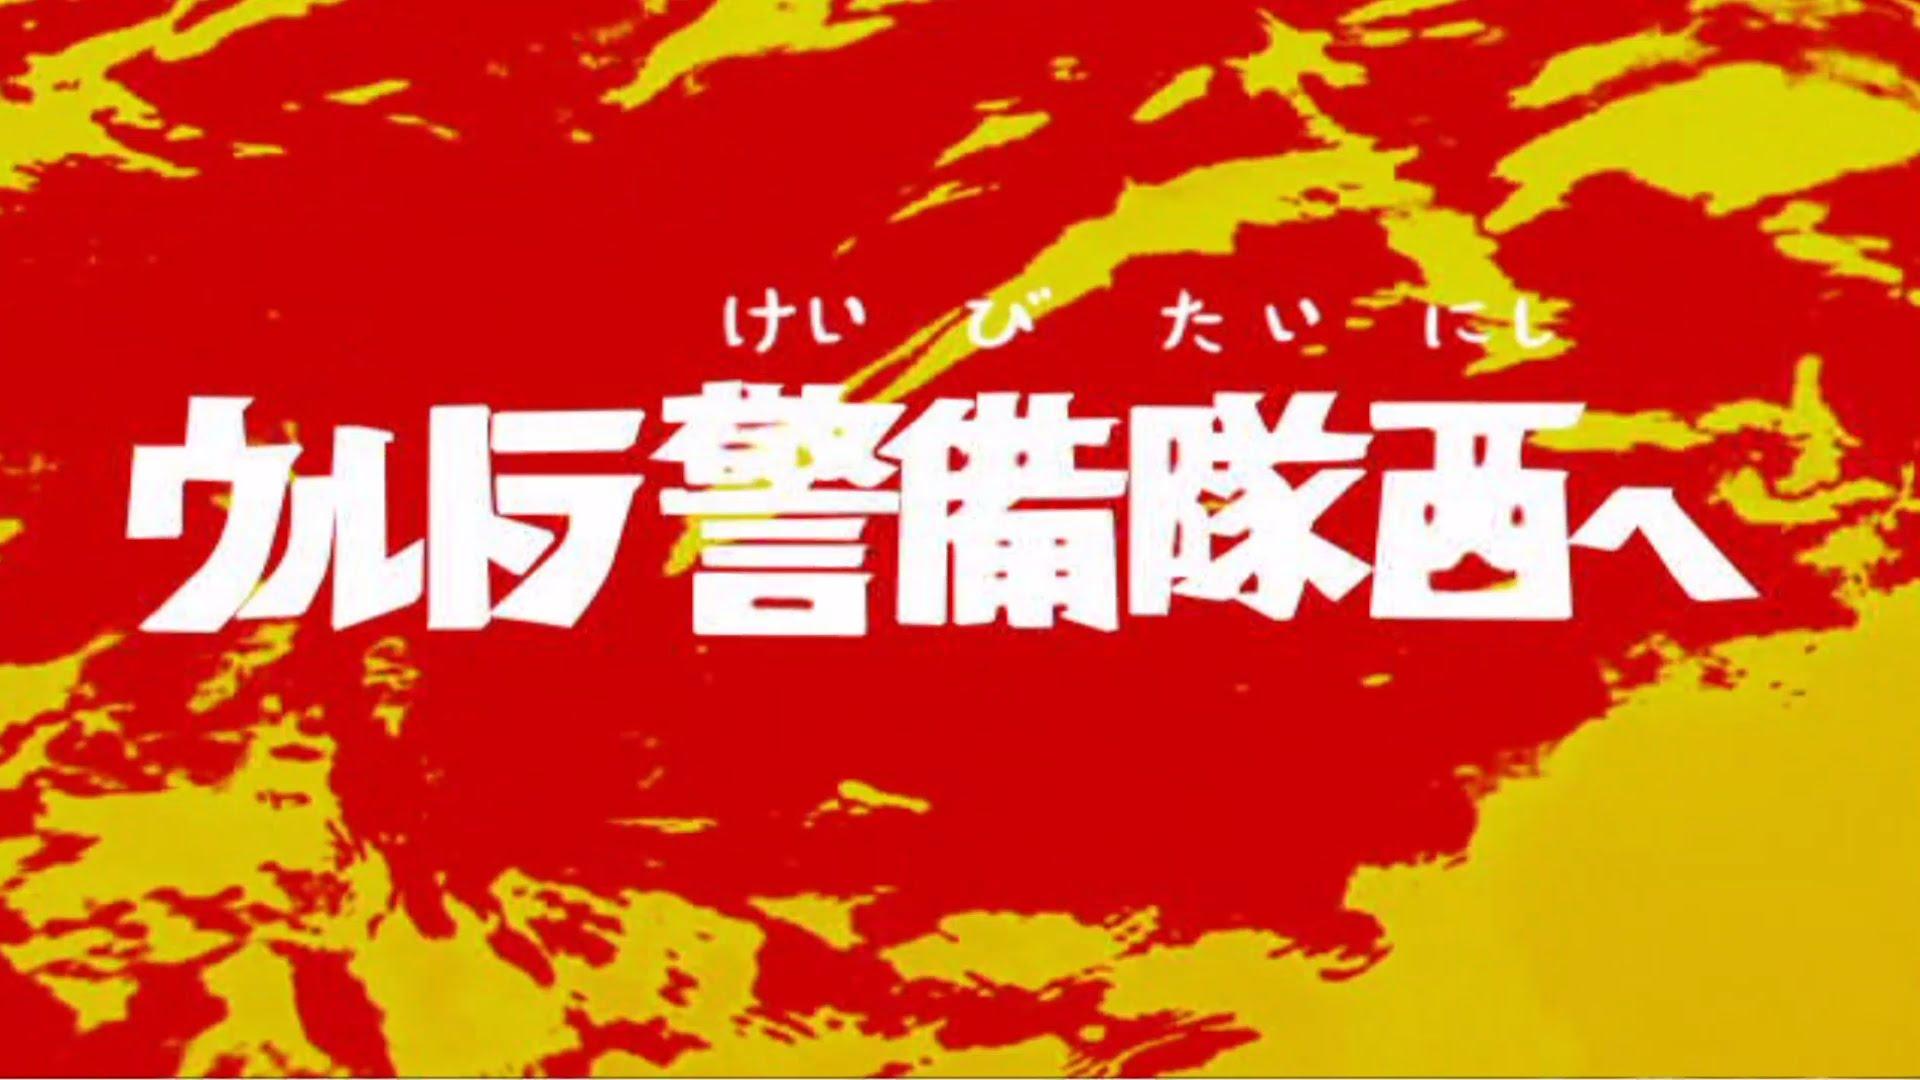 第3話「ウルトラ警備隊西へ」ウルトラマン3-FightingEvolution